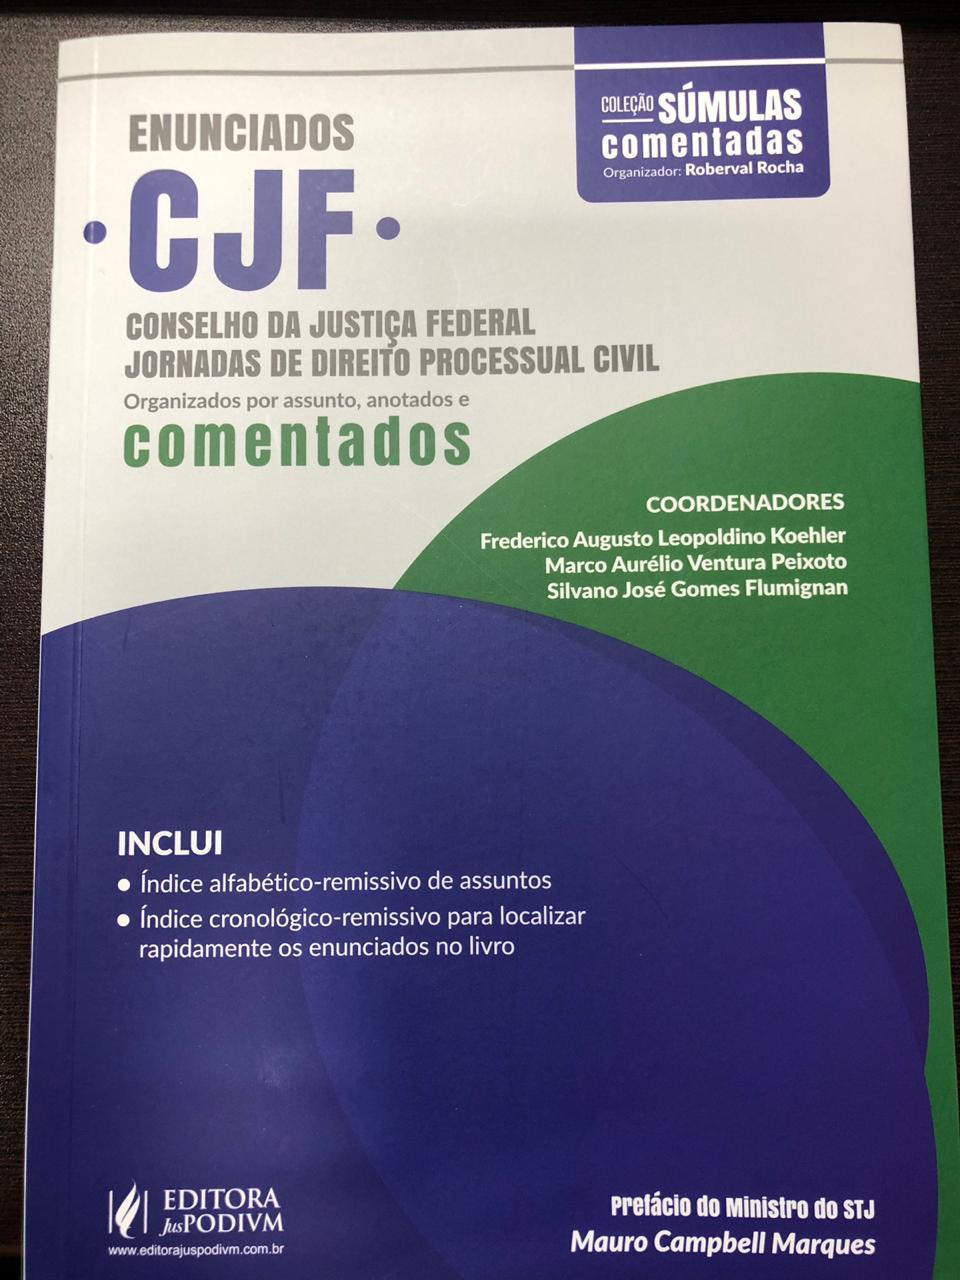 Juiz Federal do RN publica artigo em obra sobre o Código de Processo Civil